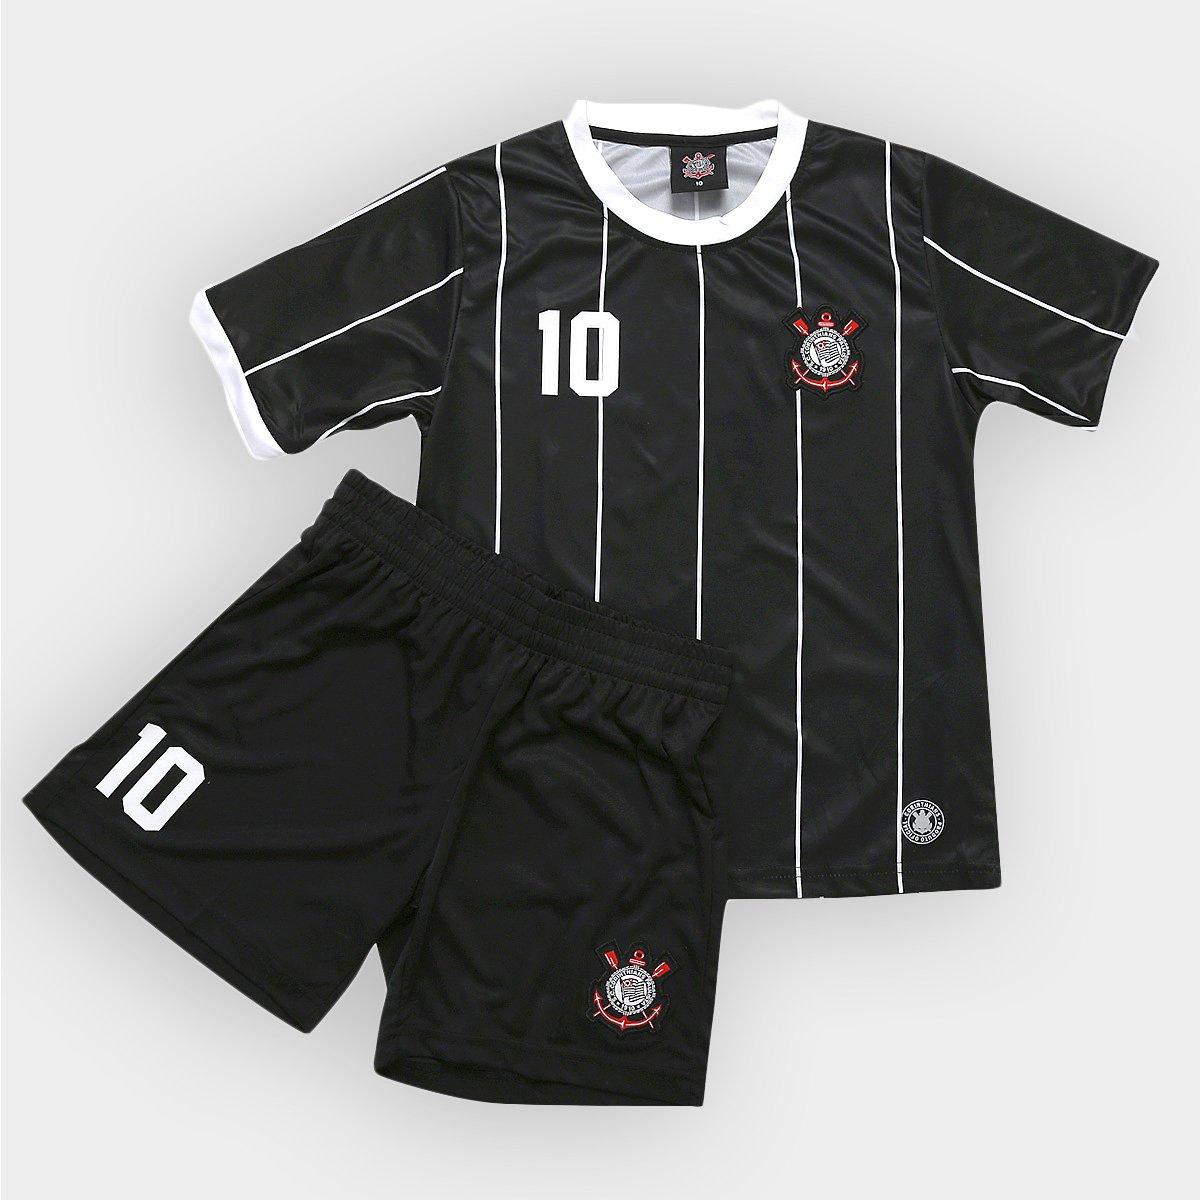 c0d98b83ae8f7 Kit Juvenil Corinthians Camiseta n° 10 + Calção - Compre Agora ...